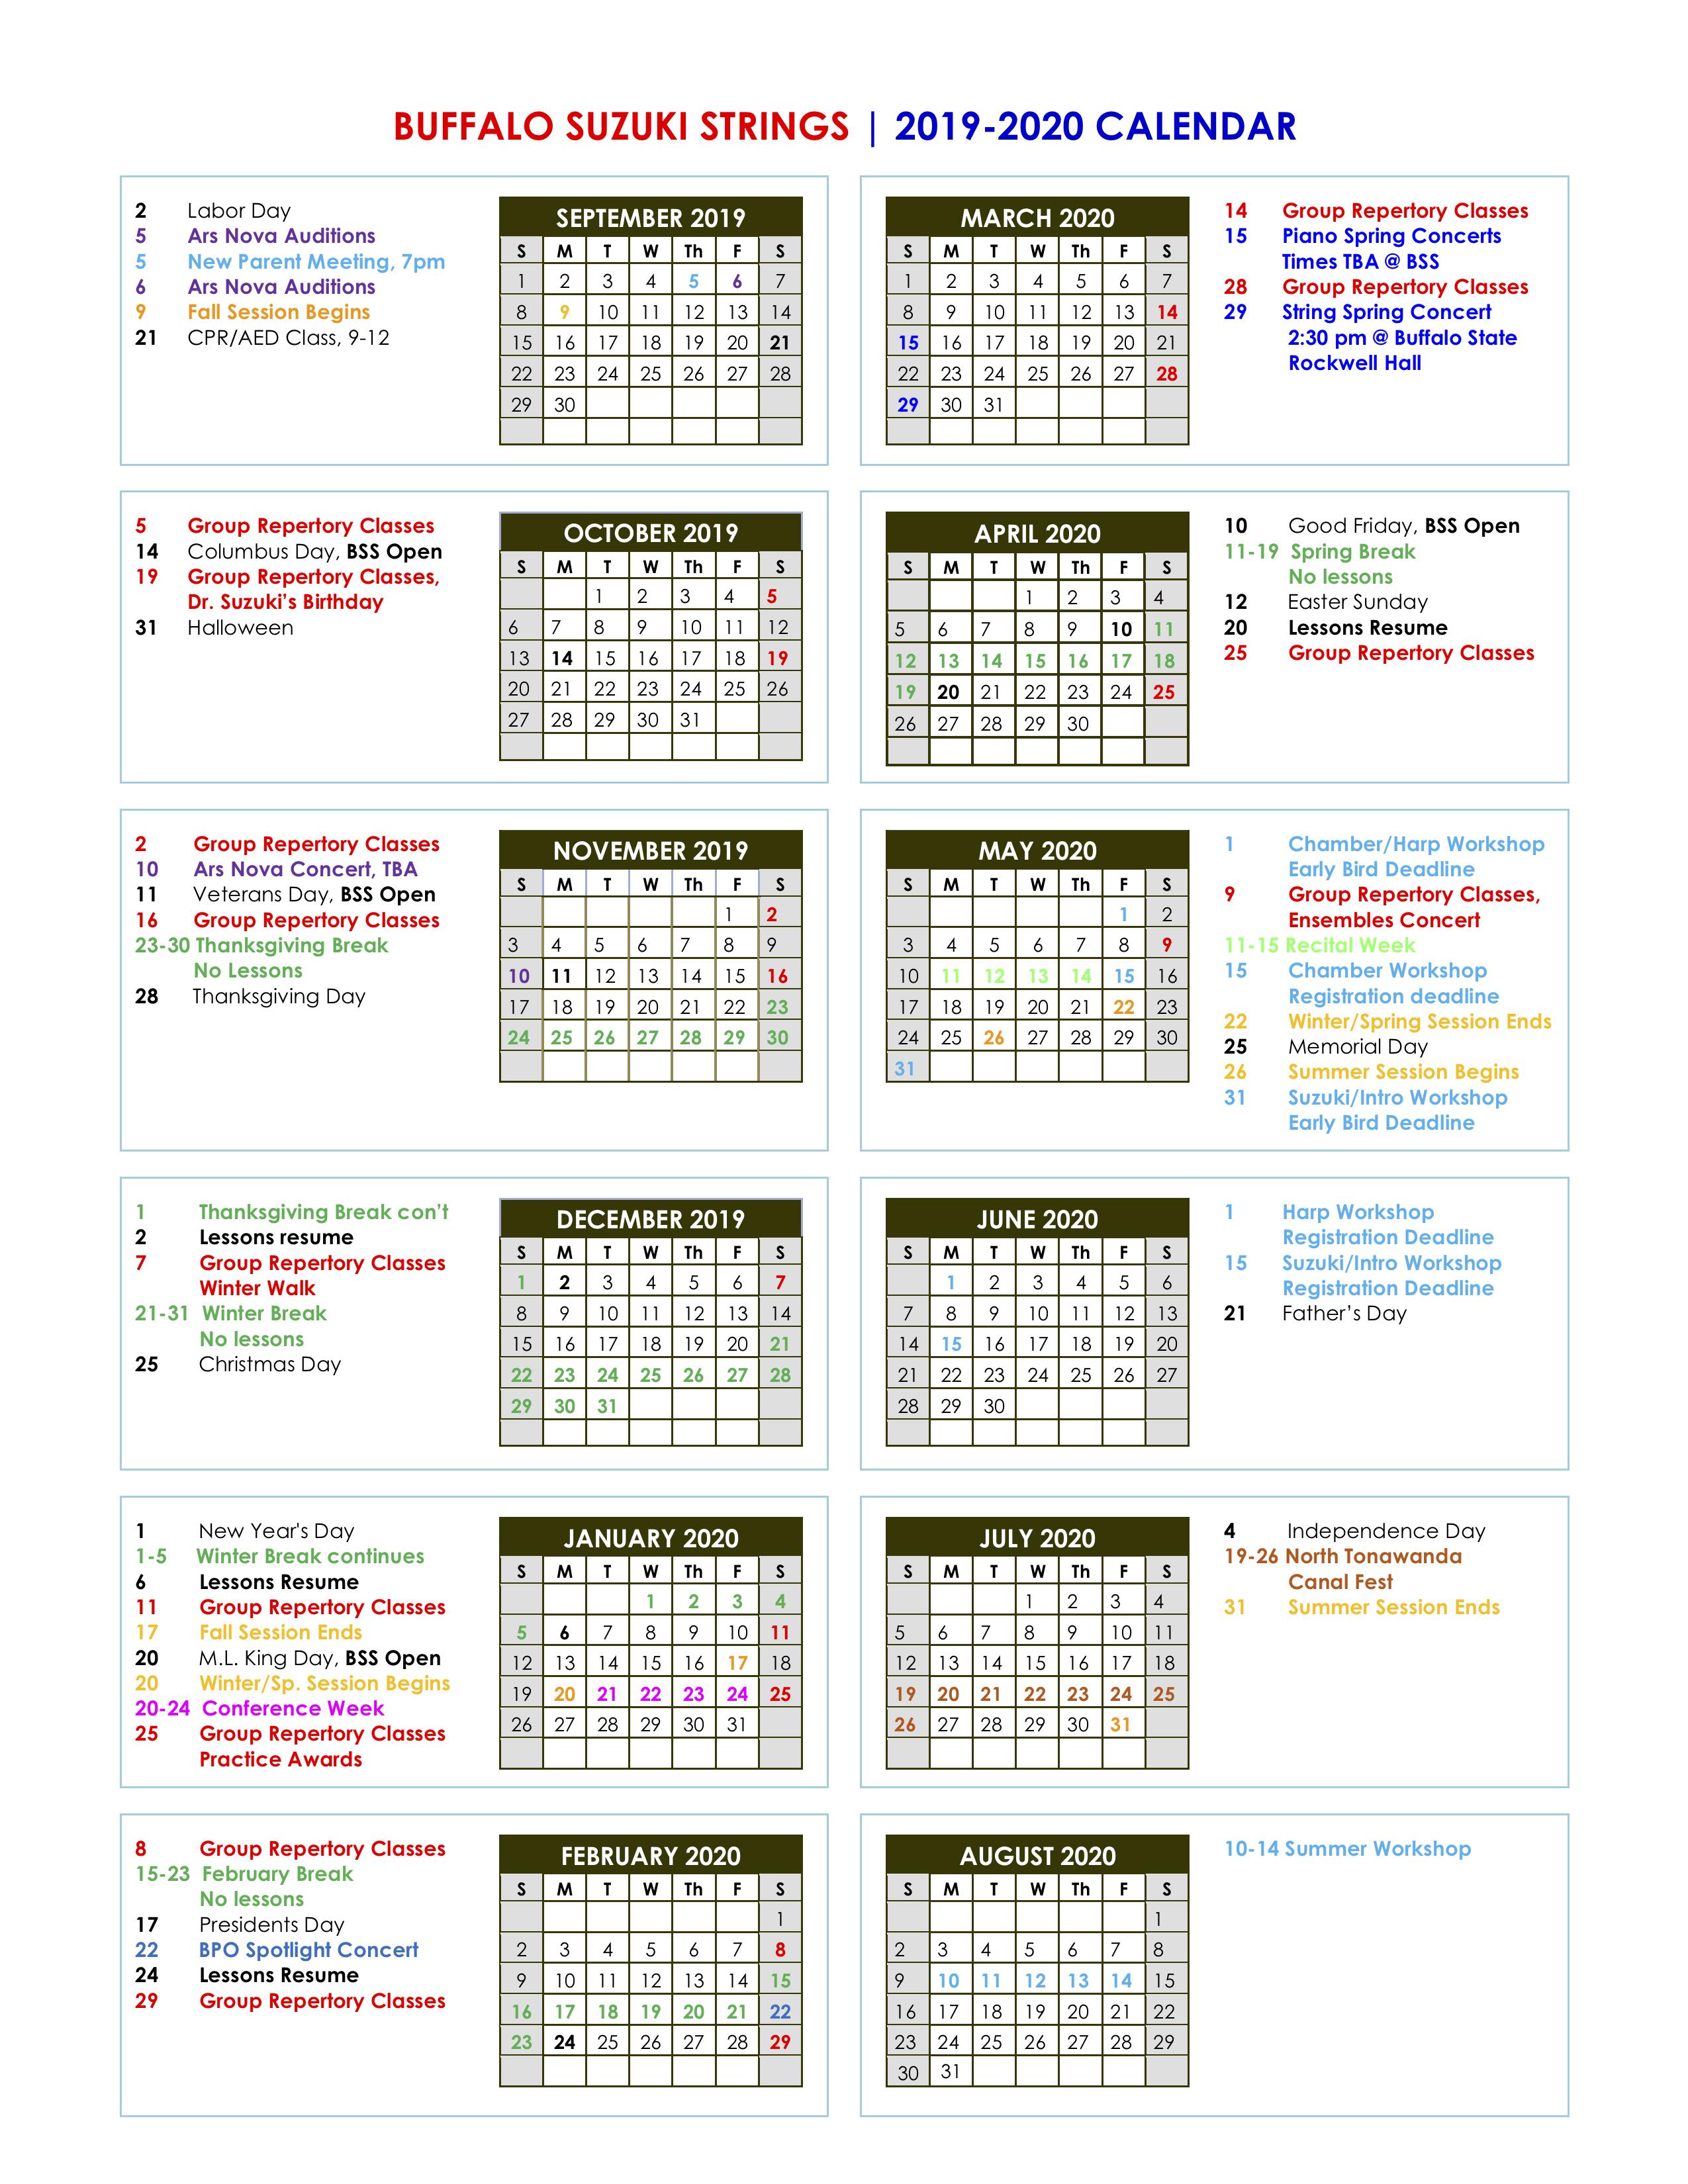 Calendar - Buffalo Suzuki Strings